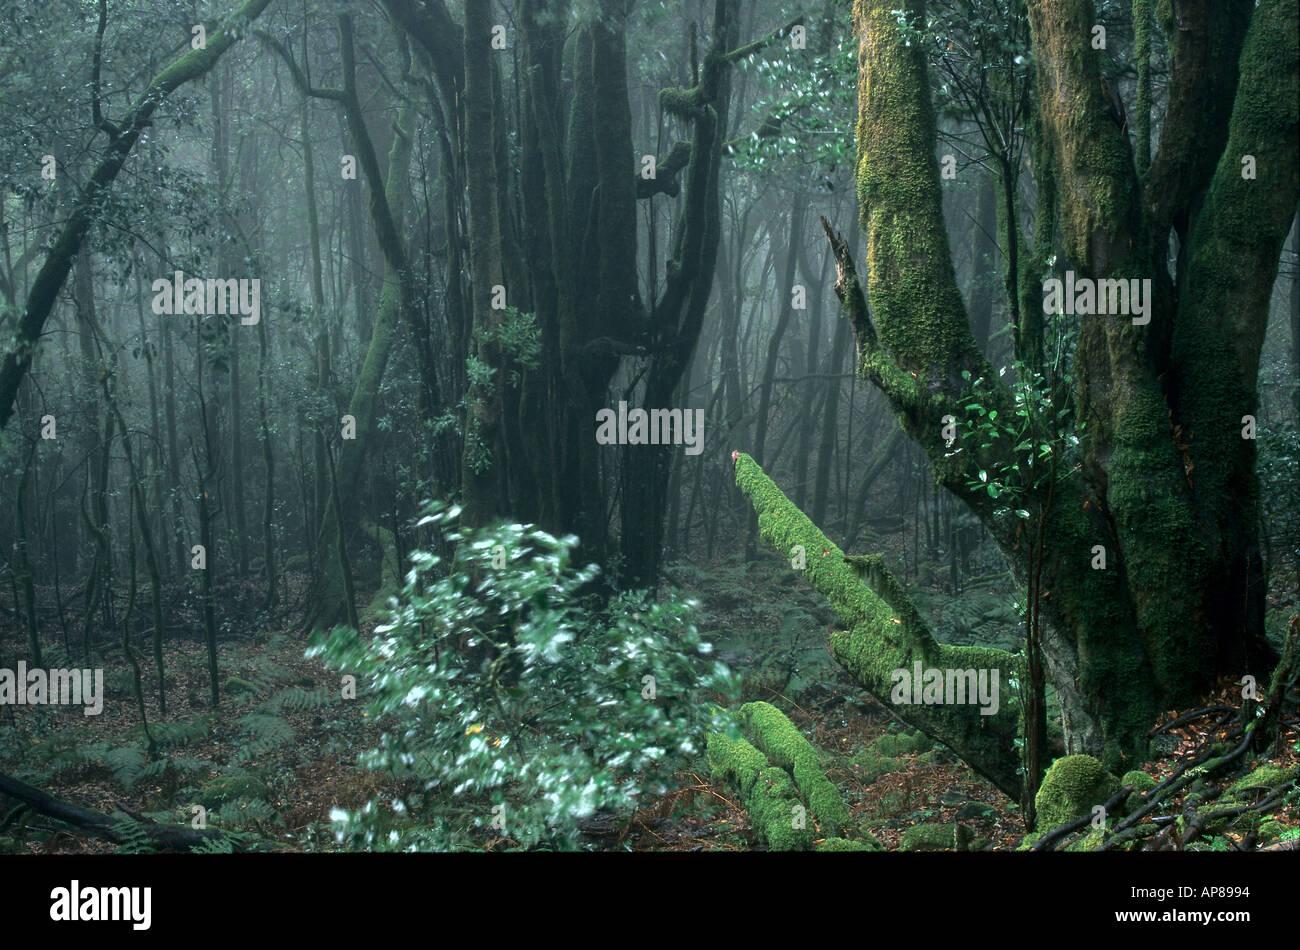 Alberi in foresta, Parco Nazionale di Garajonay, La Gomera, isole Canarie, Spagna Foto Stock